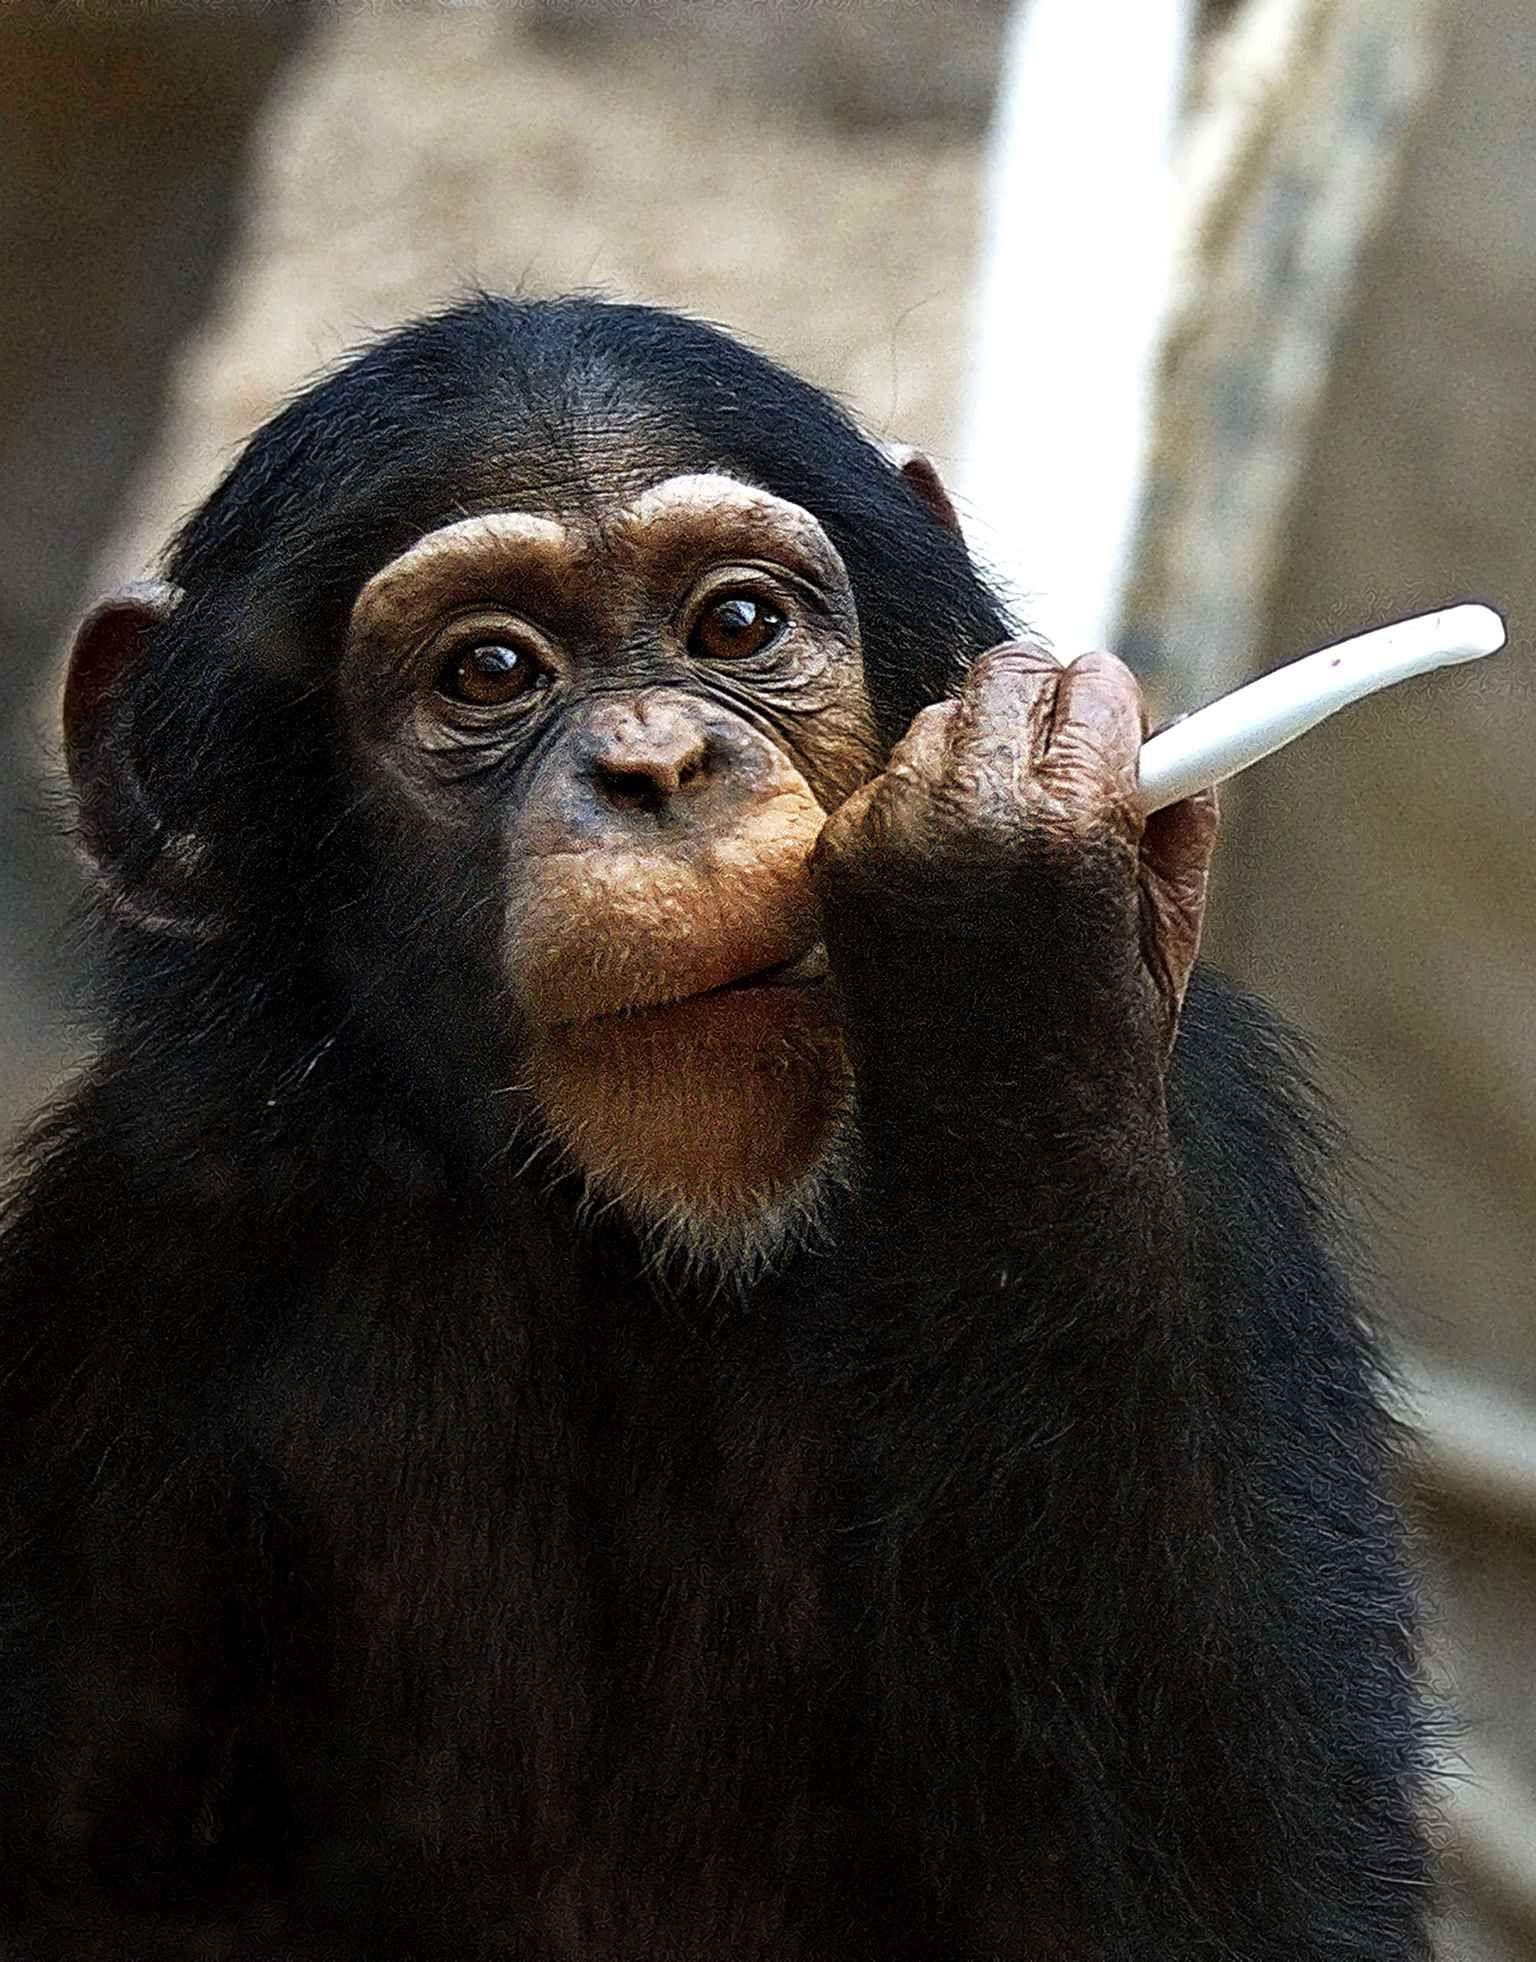 Ce petit chimpanzé s'amuse avec une brosse à dent au zoo de Bratislava.